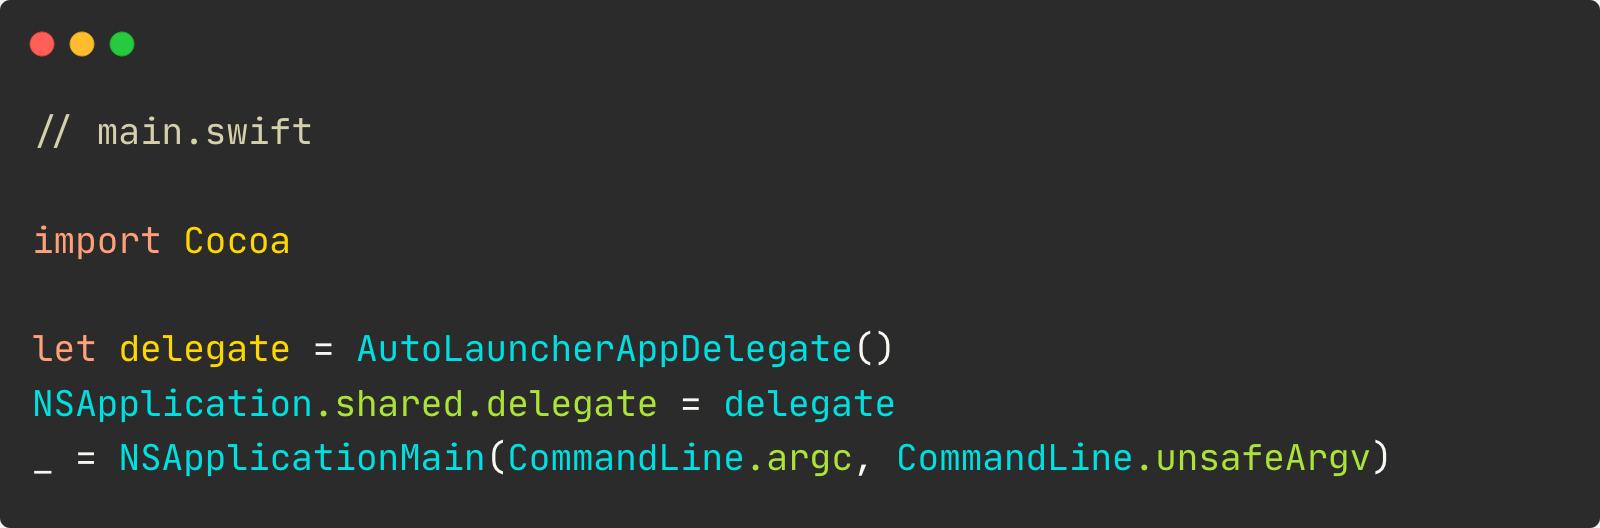 main.swift code